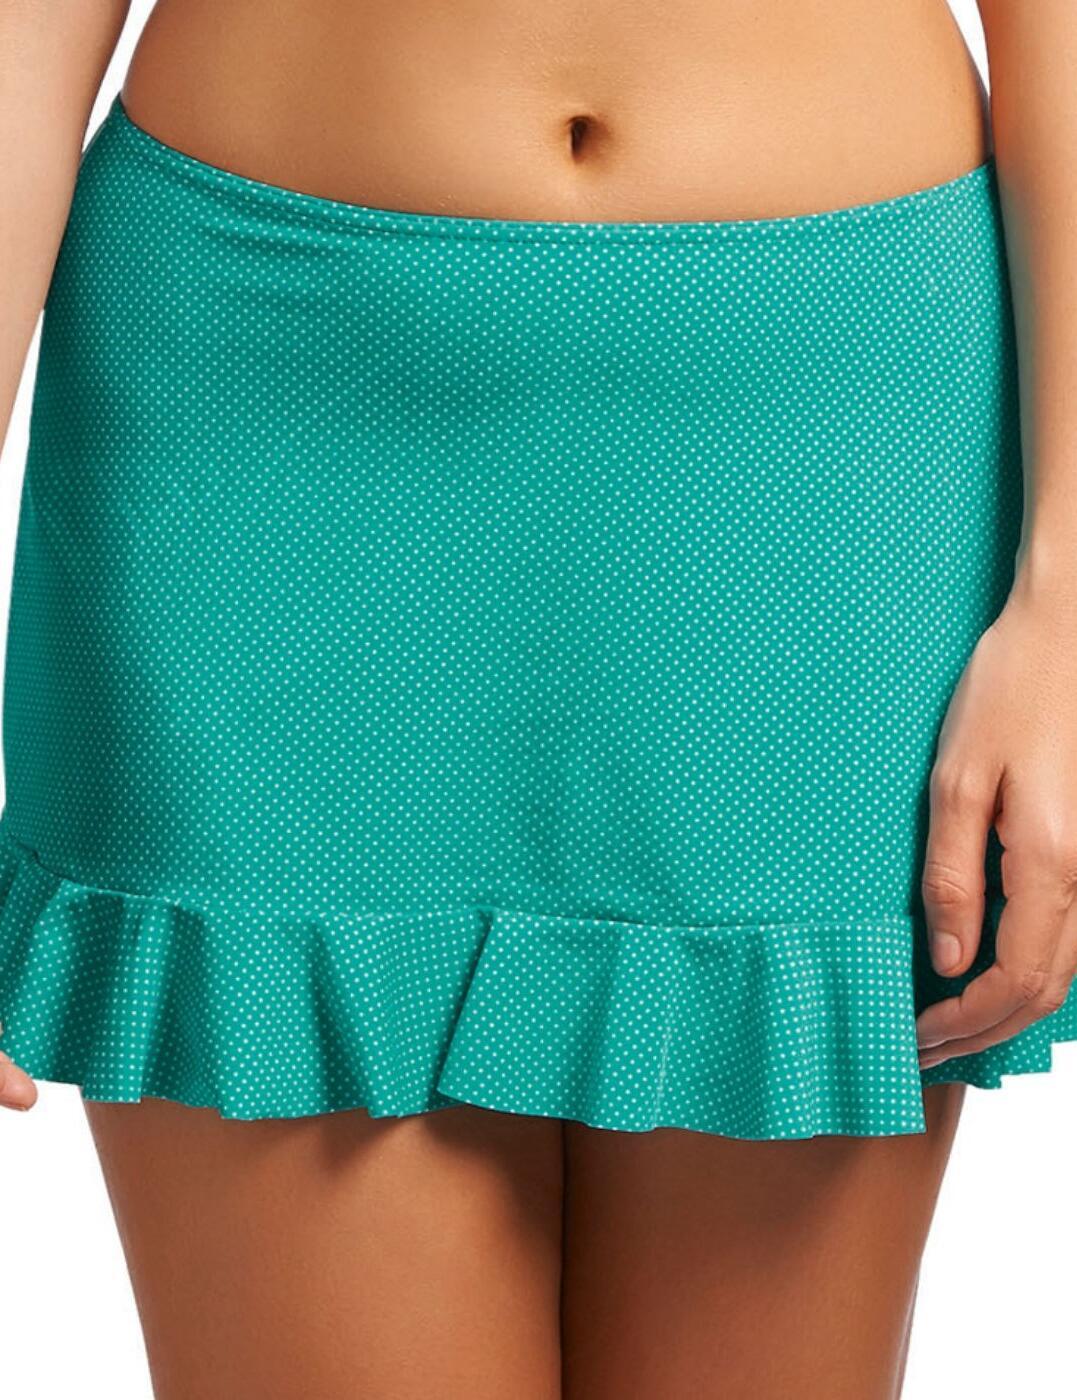 3367 Freya Cherish Bikini Skirt Jade Green - 3367 Bikini Skirt